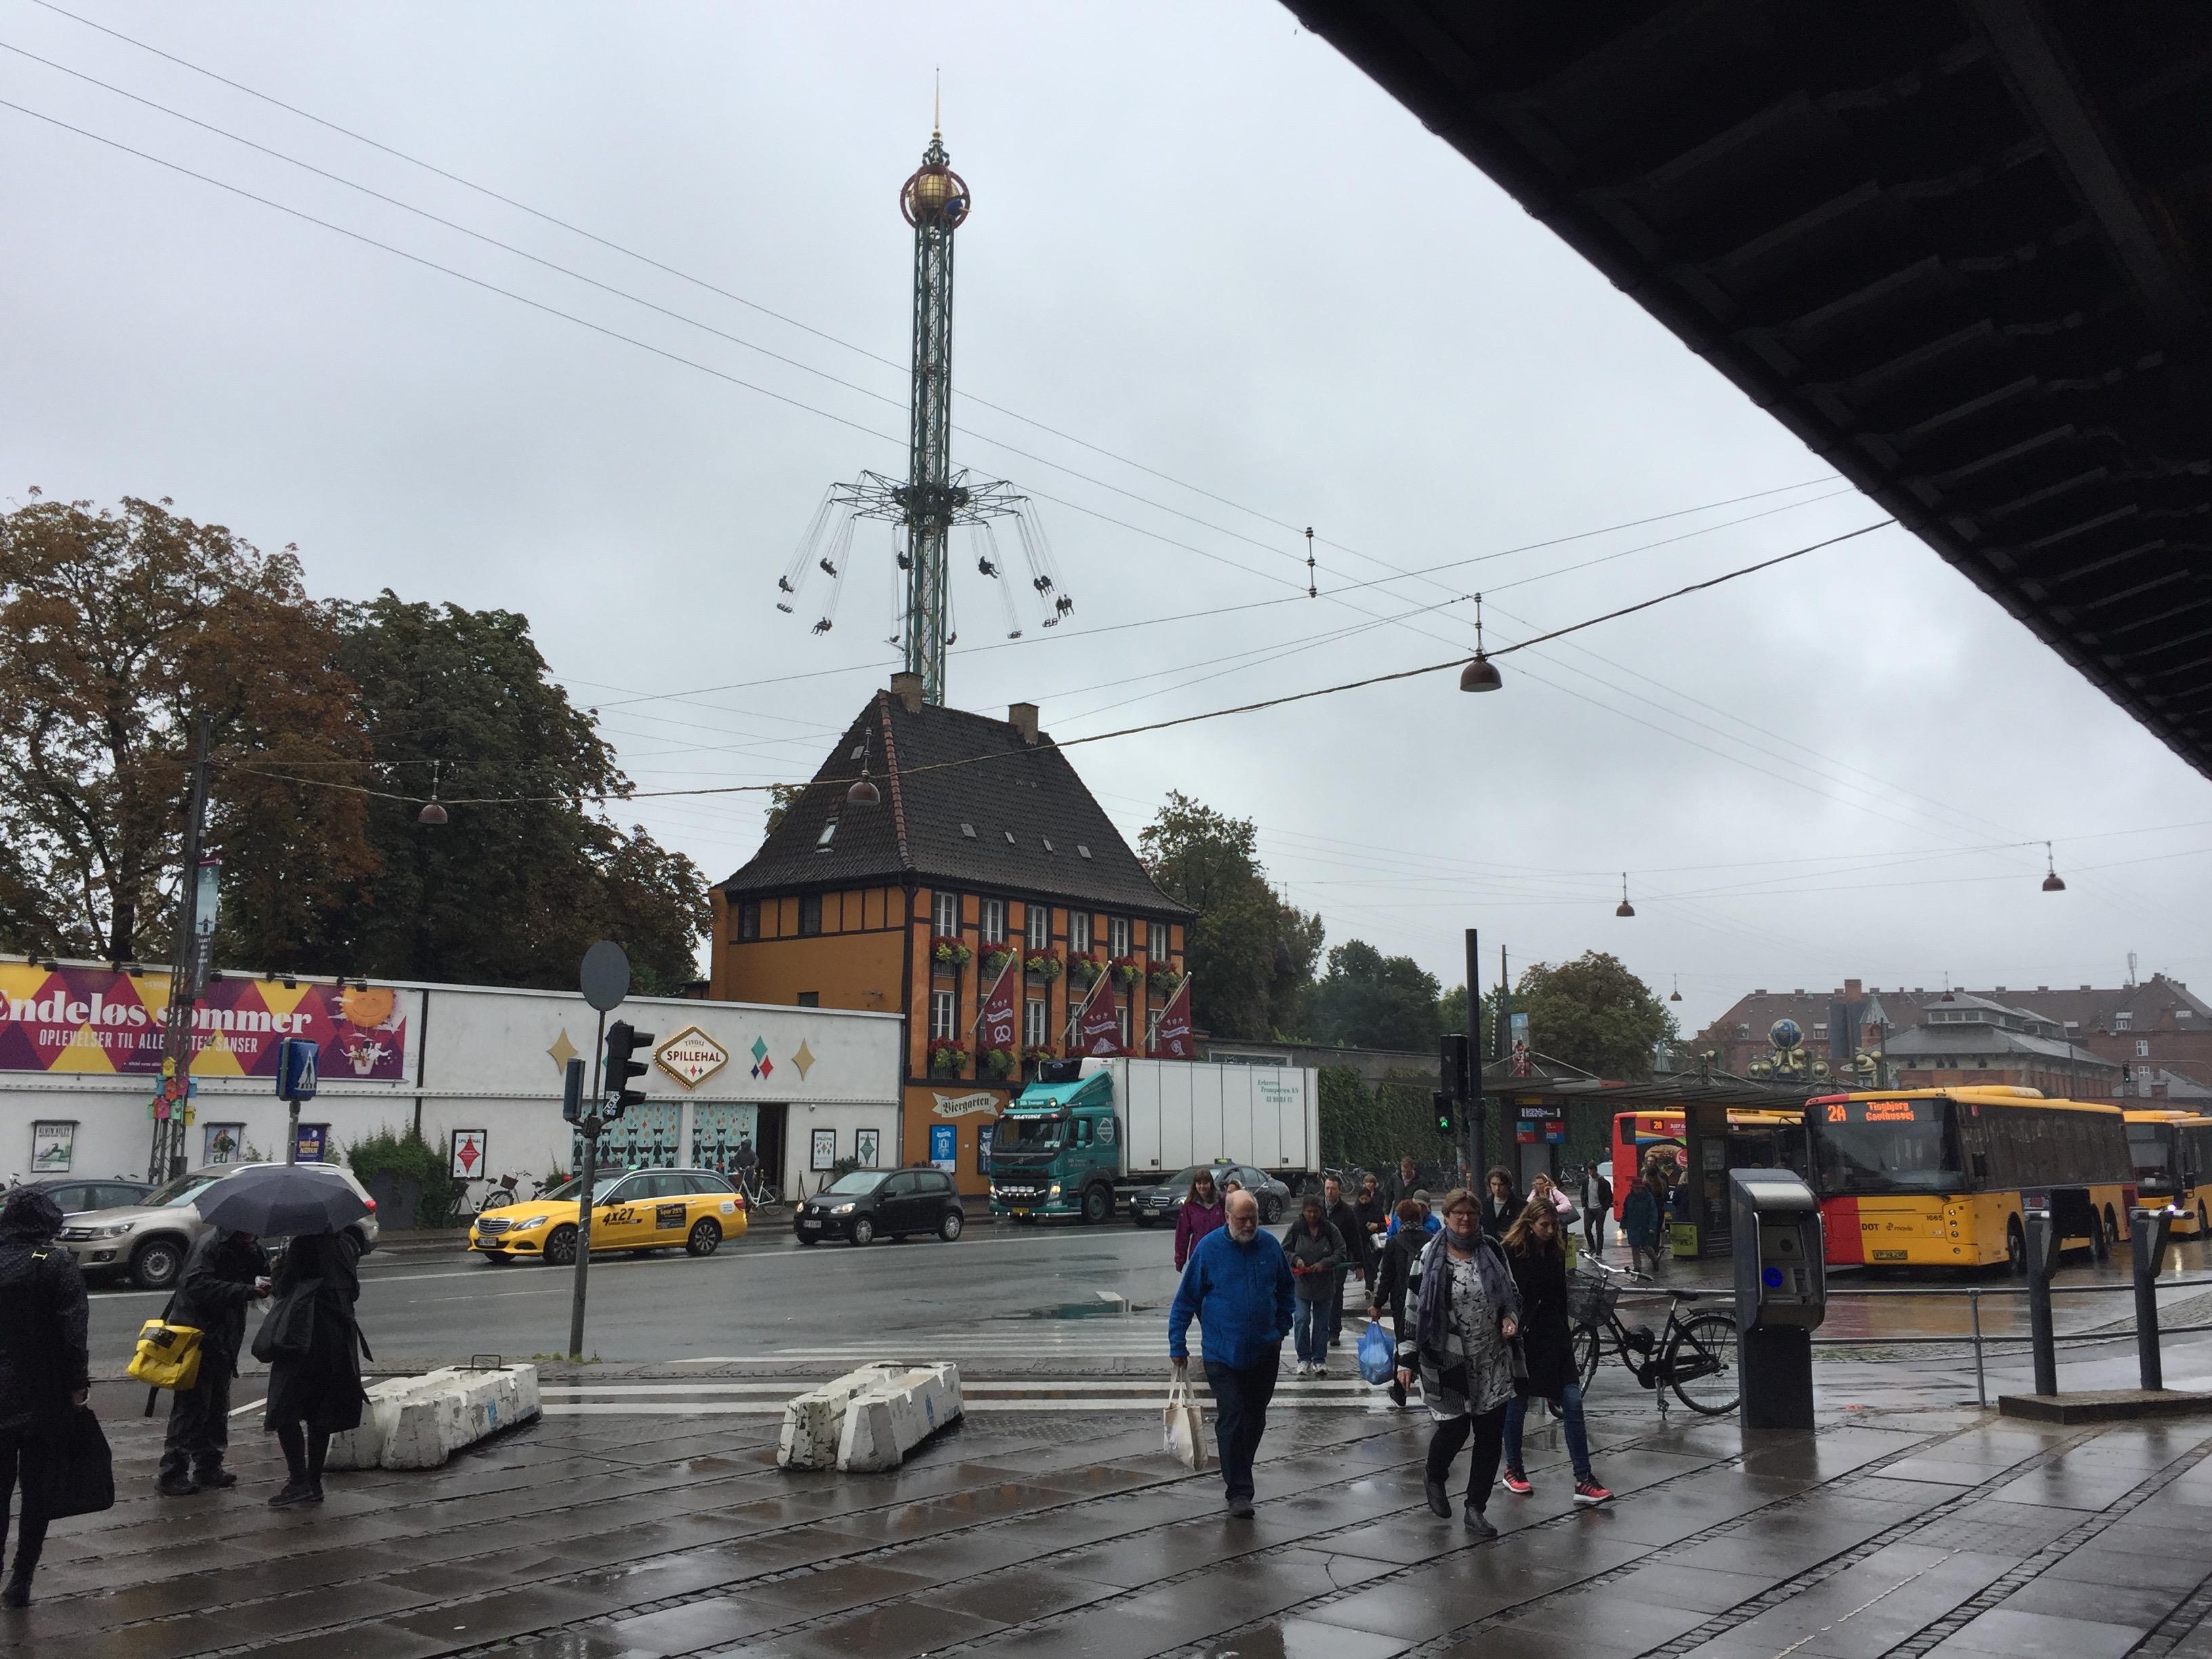 世界一周 デンマーク コペンハーゲン 駅 遊園地